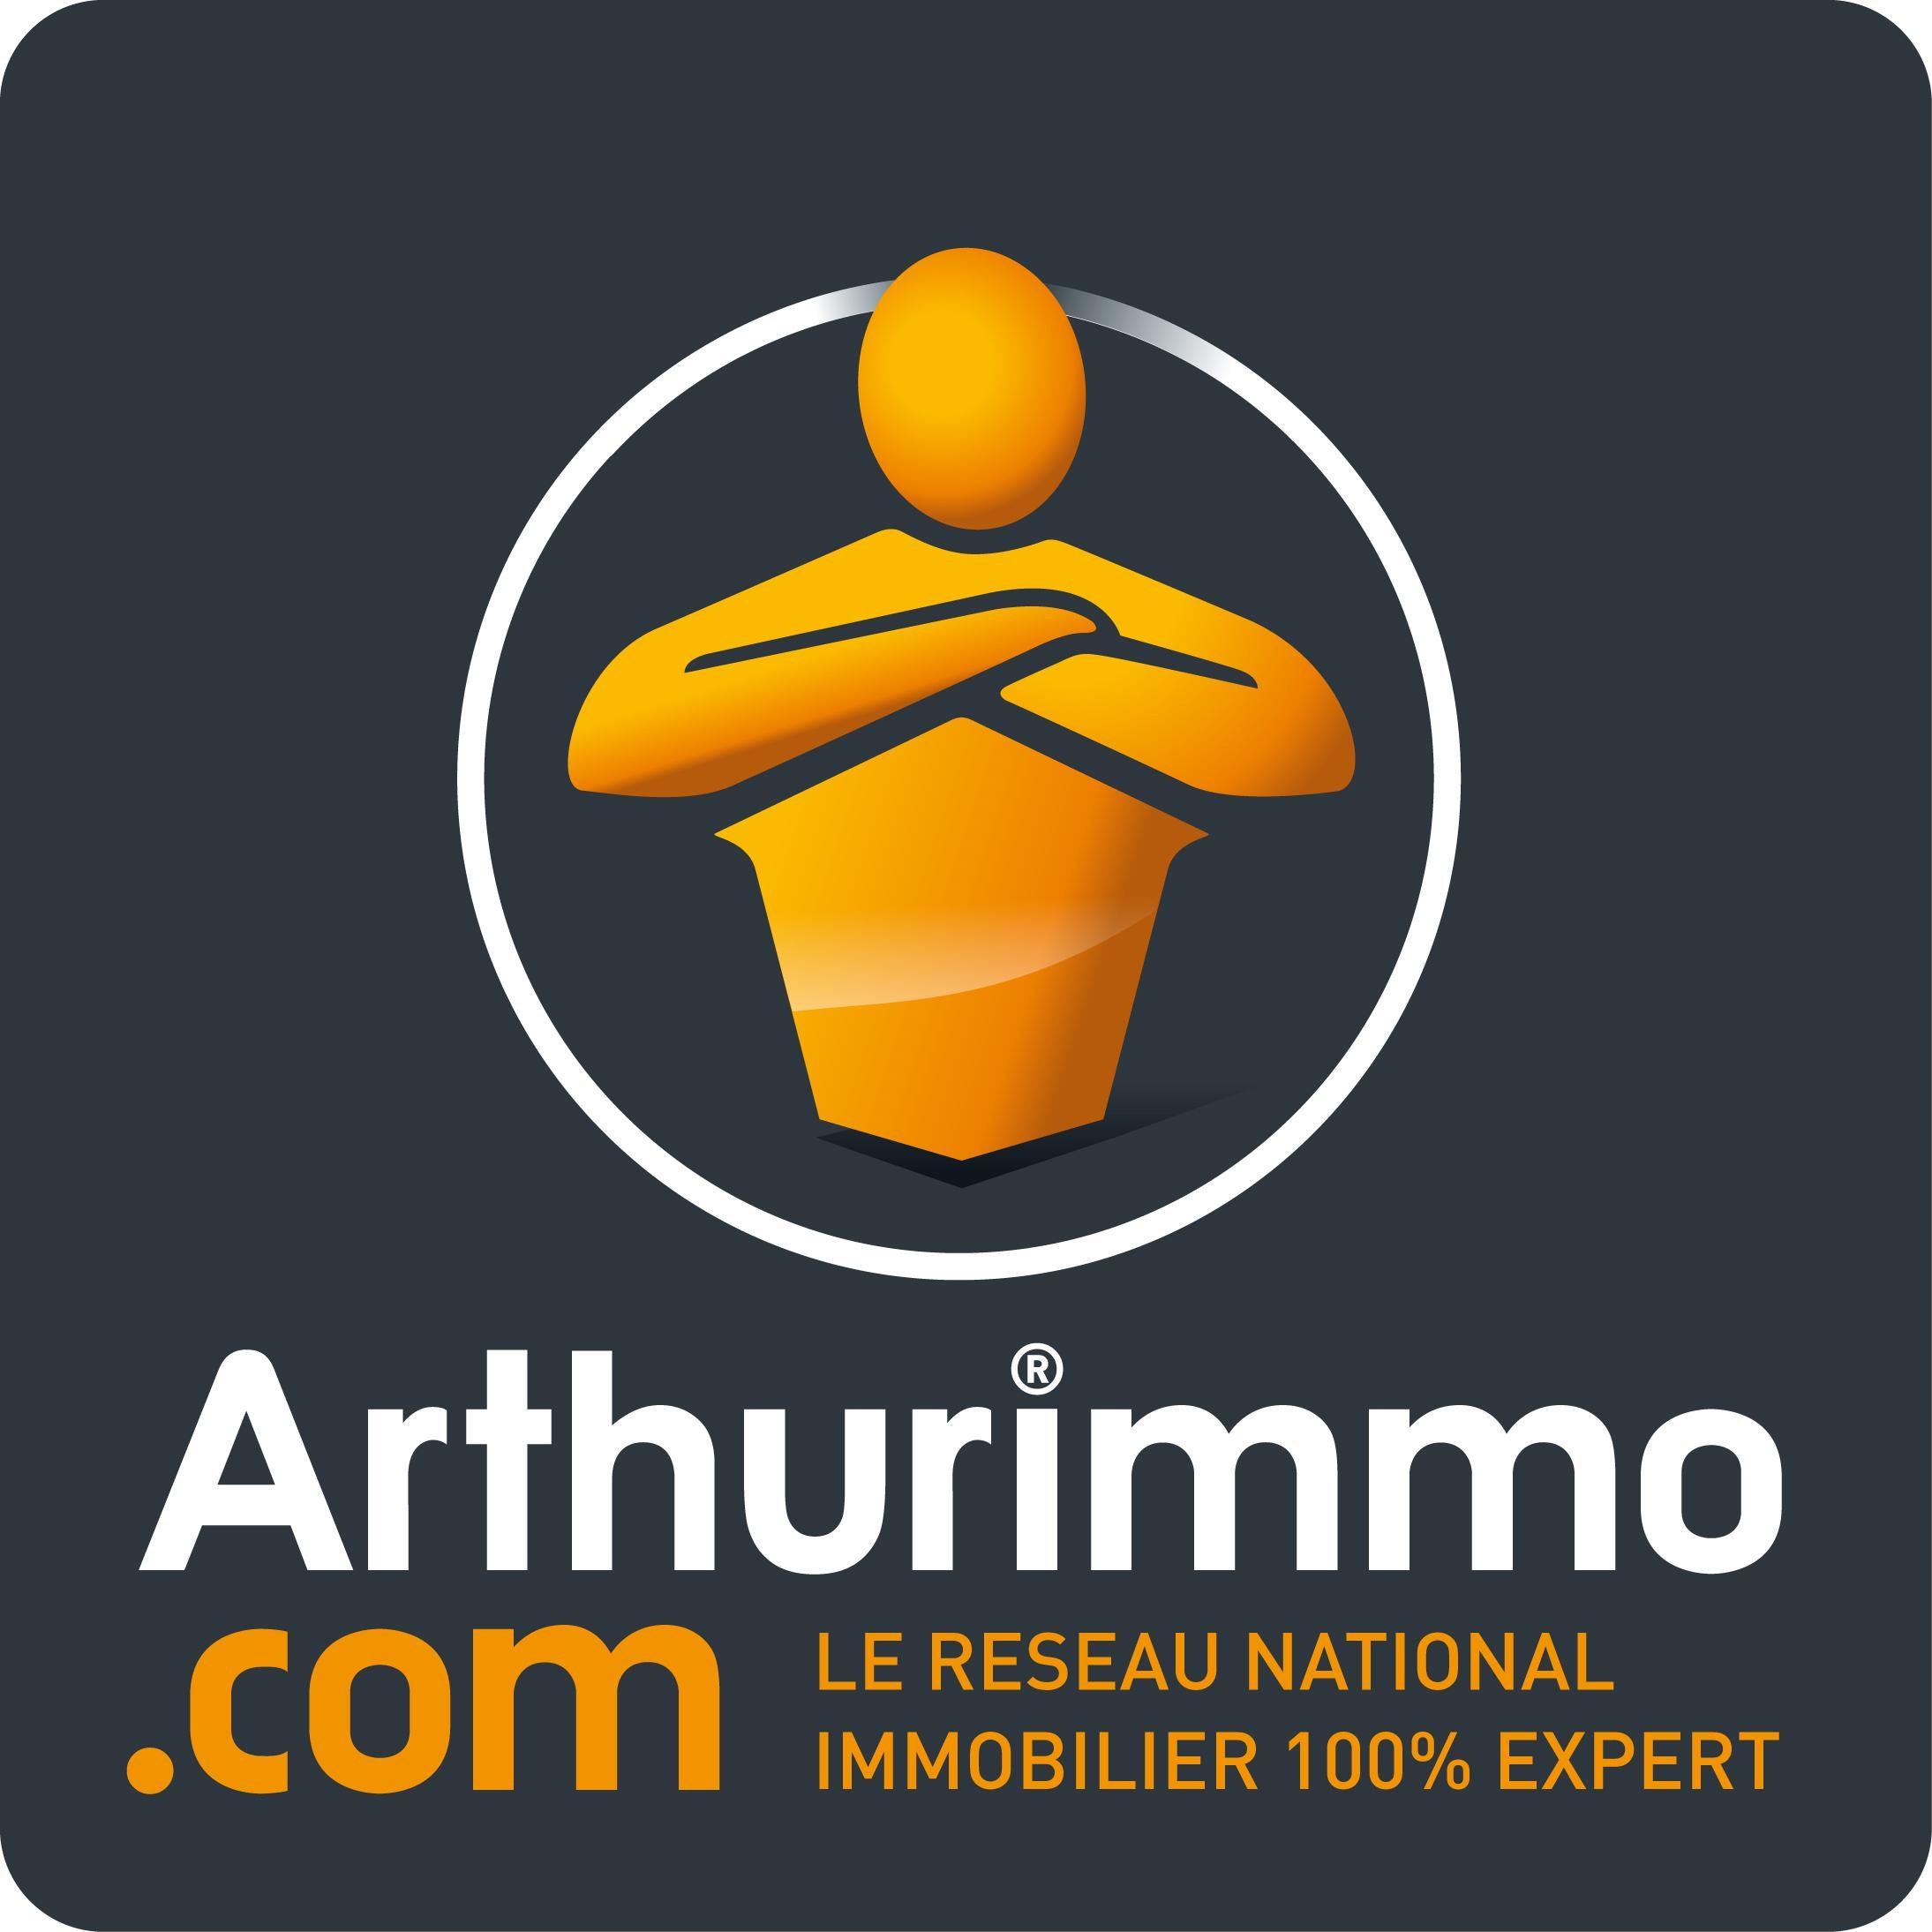 Arthurimmo.com Boulogne agence immobilière Boulogne-Billancourt (92100)